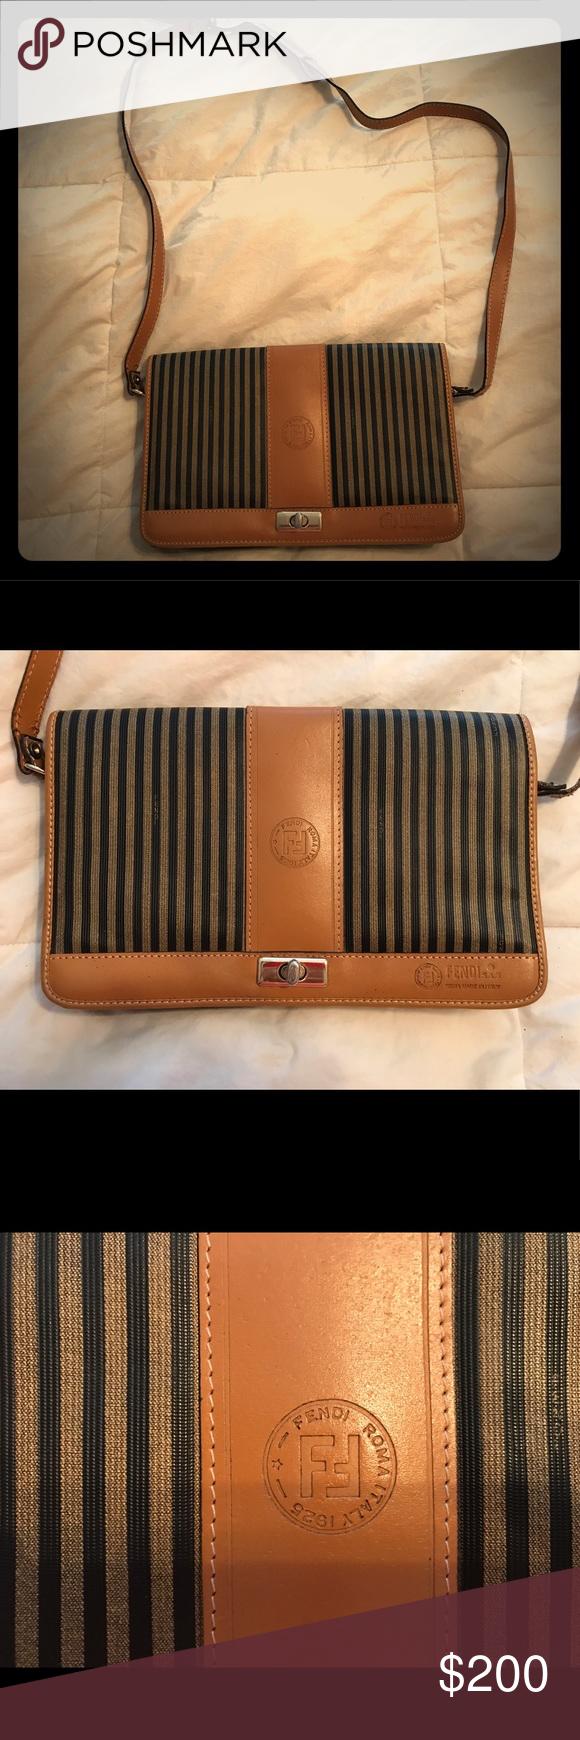 Vintage Fendi Striped Crossbody Bag Vintage Fendi Crossbody bag. Classic  Fendi Black and Tan stripes 22766114ef1a6